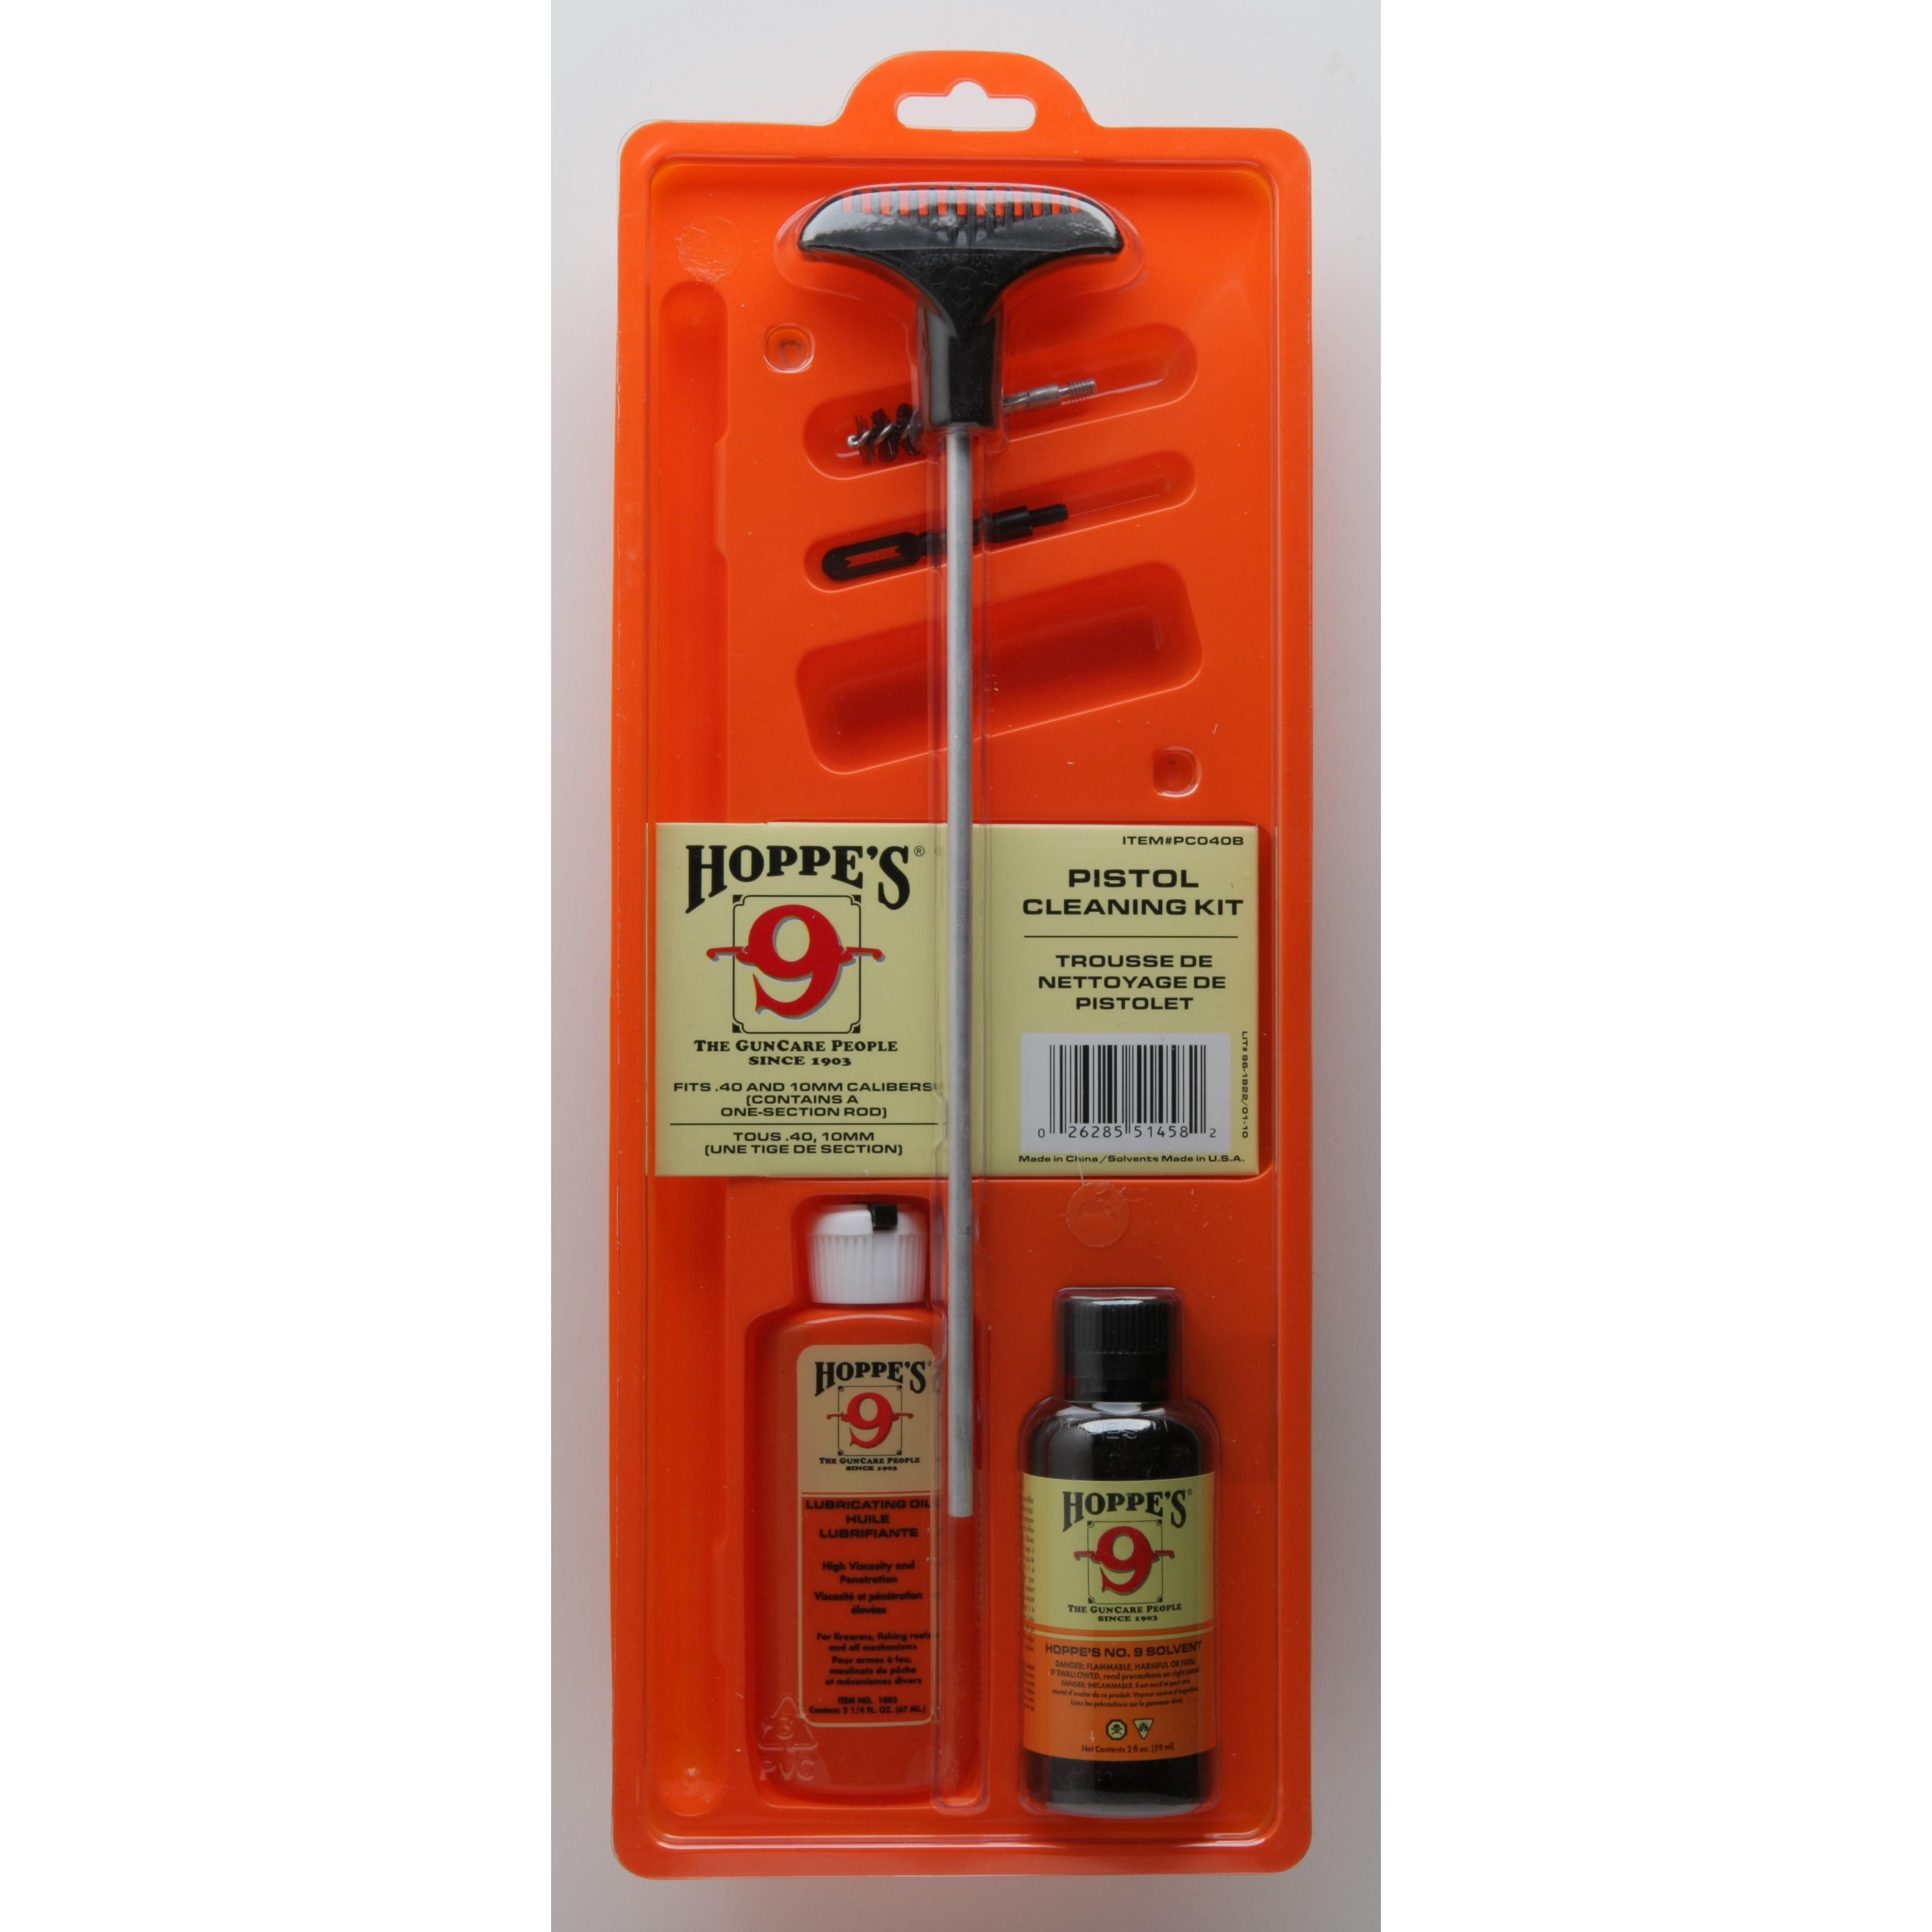 Hoppe's Cleaning Kit For .40, 10mm Caliber Pistol